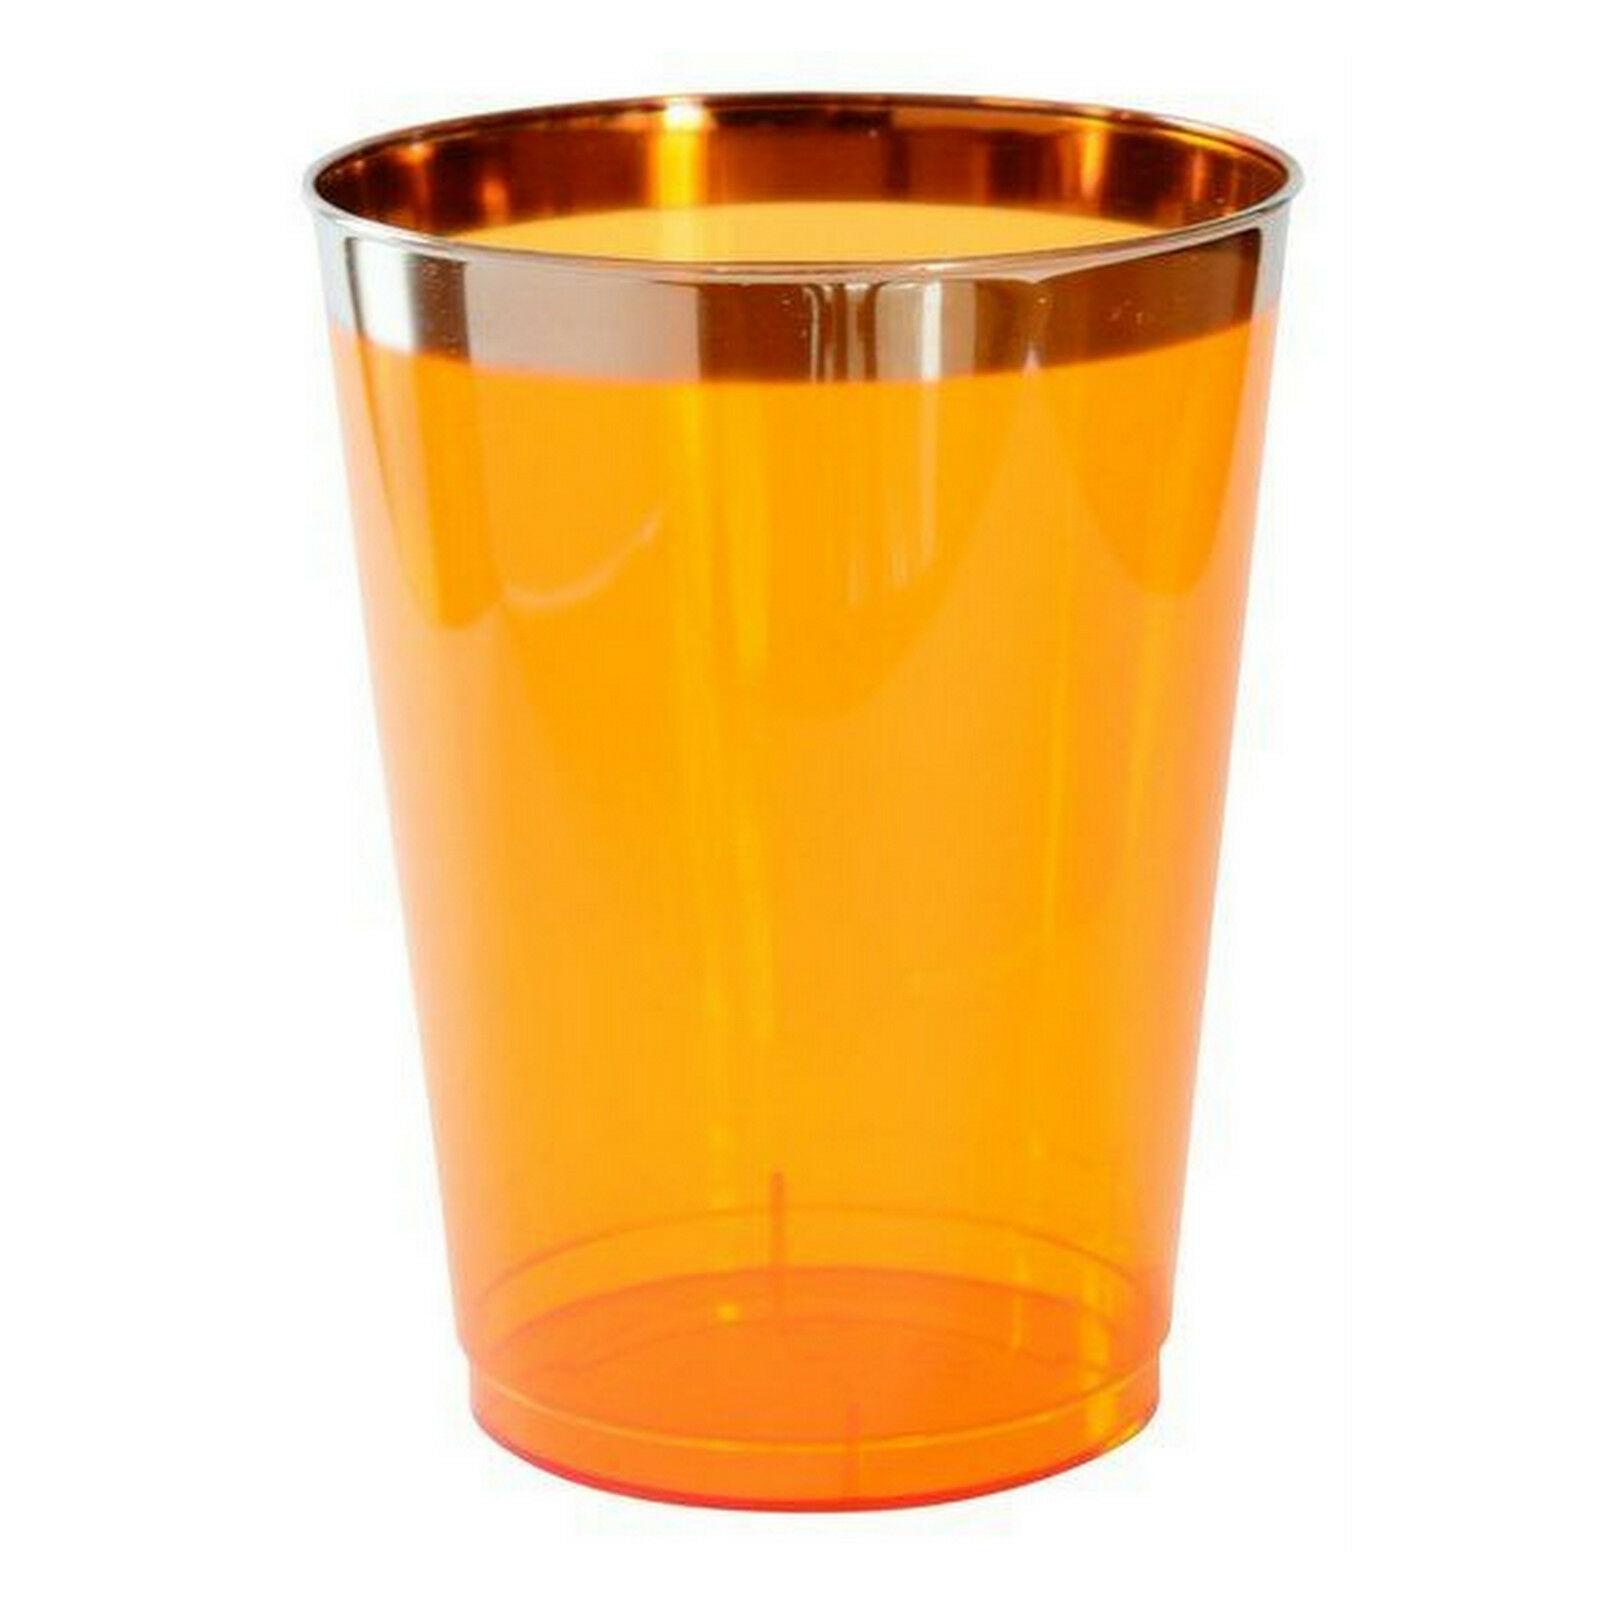 24 - 48 Stück Einweg Plastikteller 20,5cm, Plastikbecher 250ml, Weingläser 180ml - 48 Stück = 8 Pack.x 6 Stück, Trinkglas 250ml